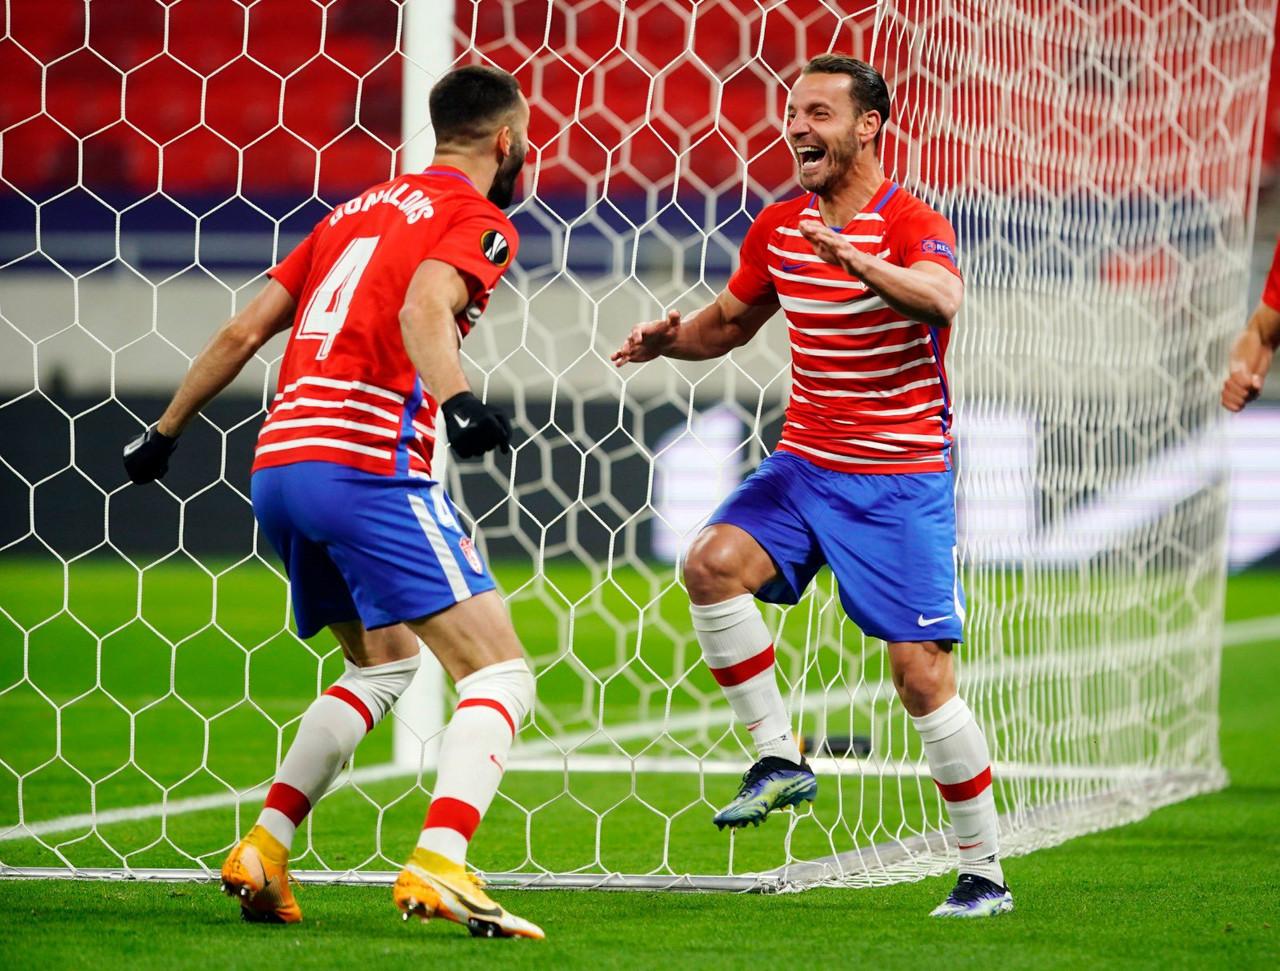 El Granada CF, en un bombo con rivales que suman más de dos mil partidos en competición europea